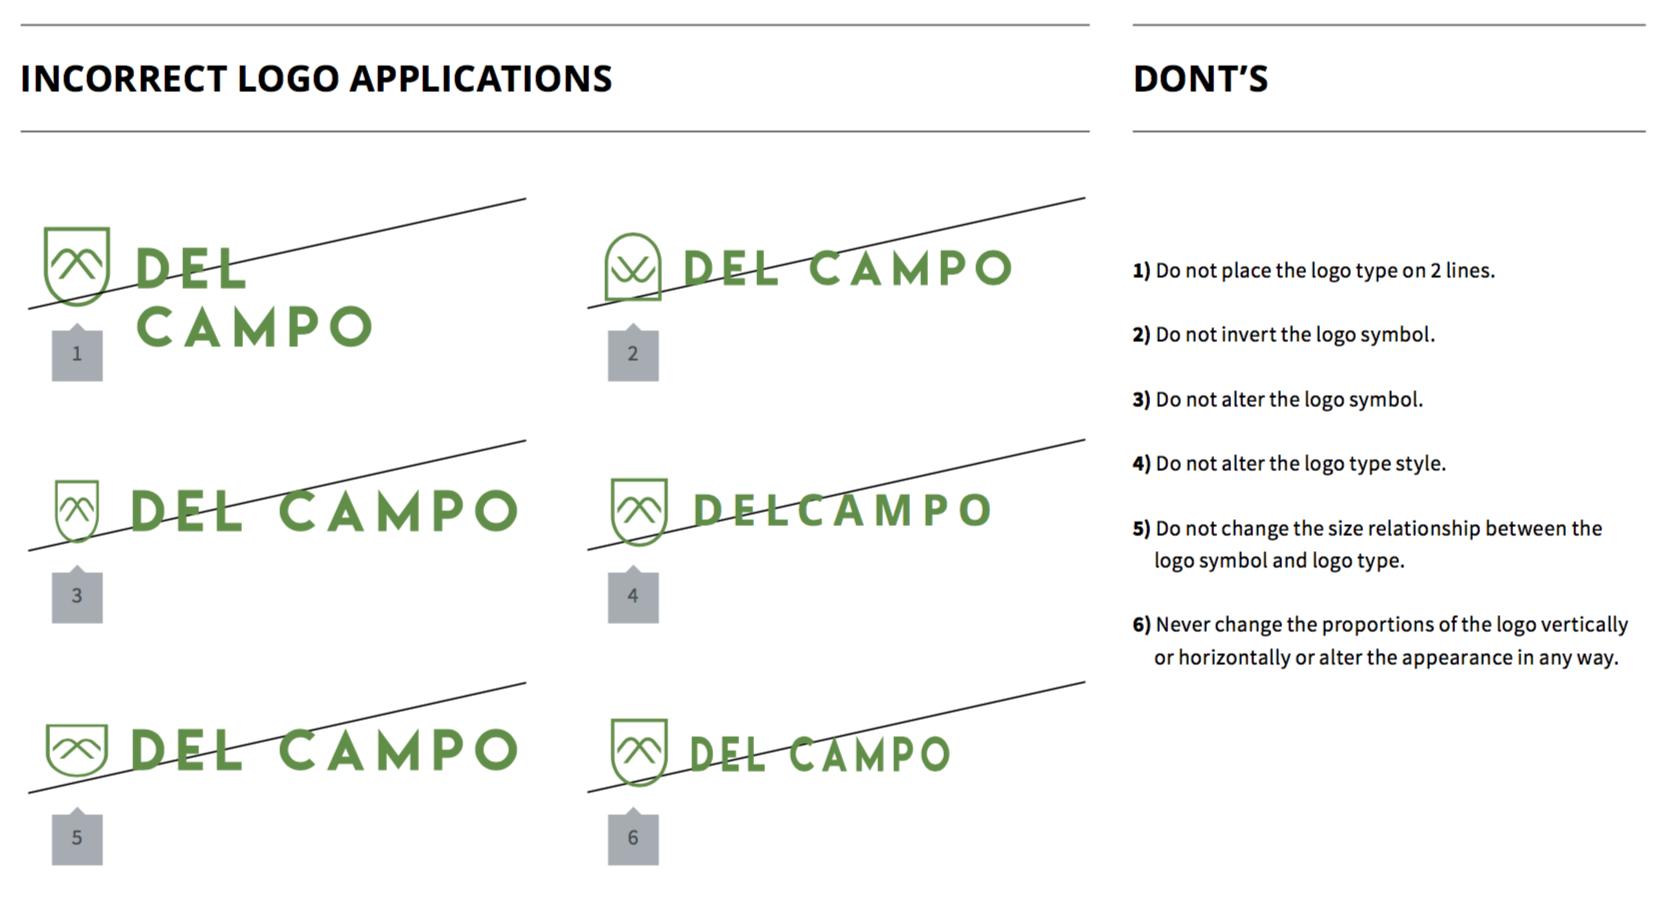 dos_donts_DelCampo_Logo